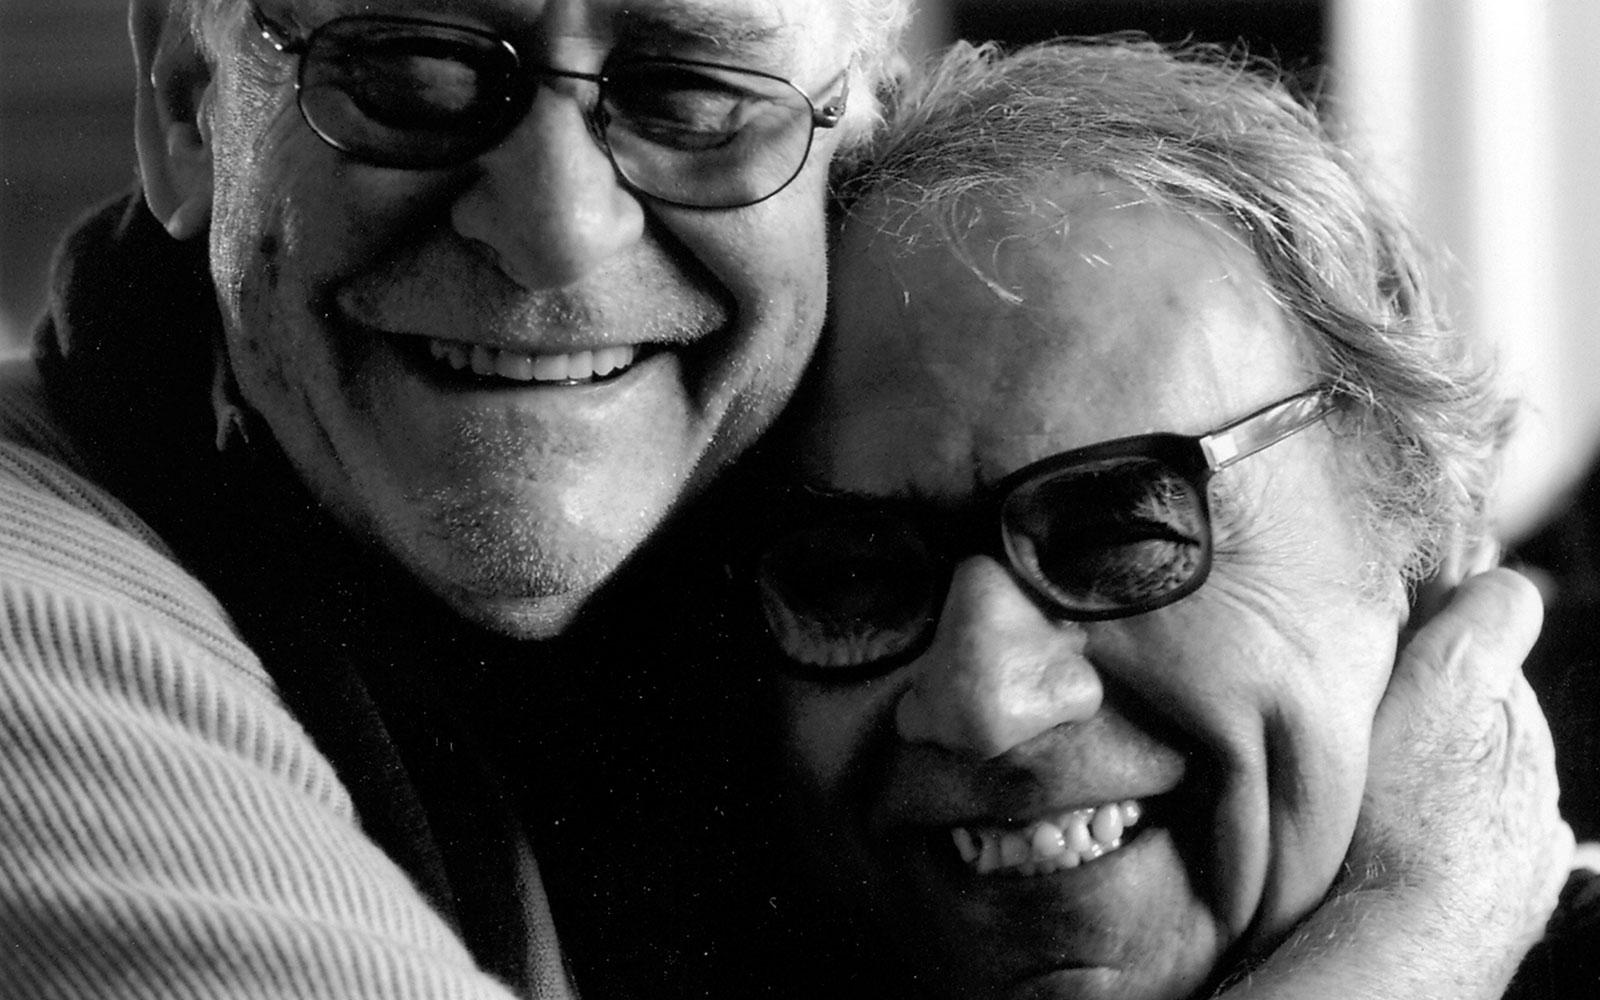 Giuseppe con il regista Olmi Rivadossi Habito